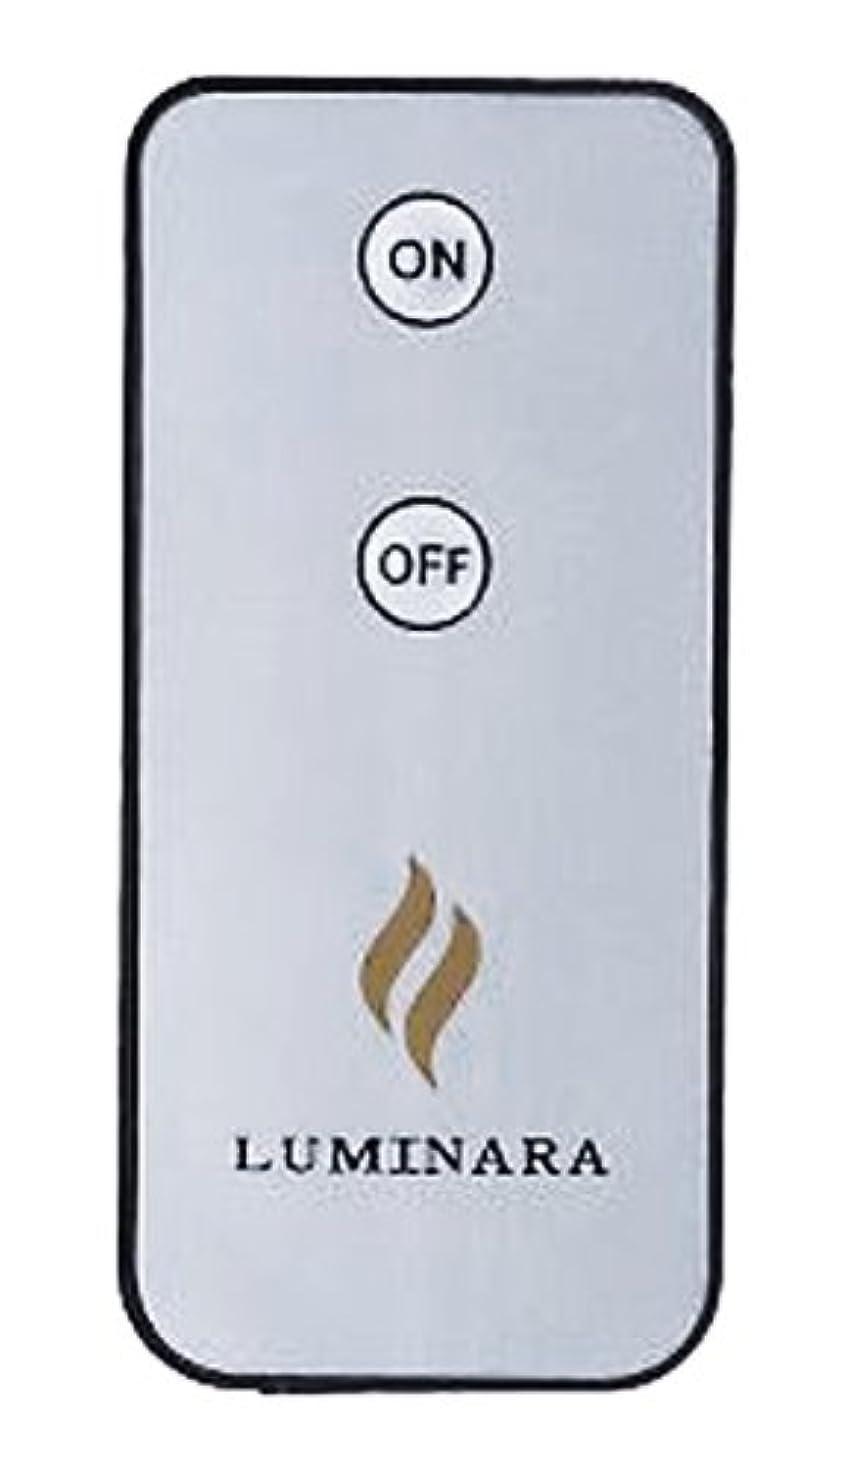 ブレス盲目時間とともにLUMINARA(ルミナラ)リモコン【ピラー専用】 03040000